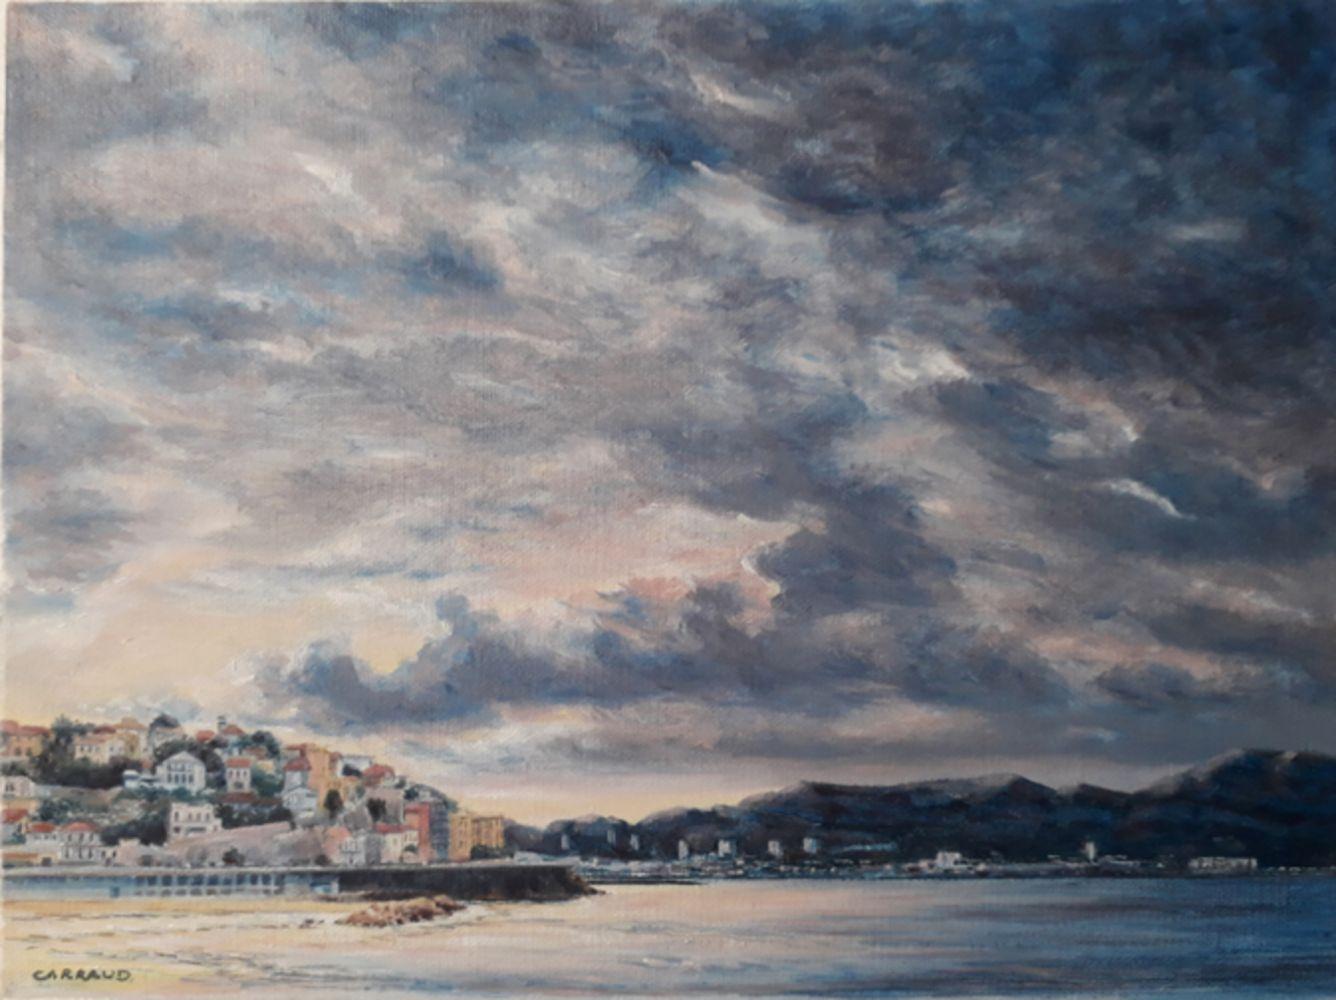 """""""LE PROPHETE"""" Marseille la Corniche huile sur toile 40 x 30 cm Martine Carraud"""